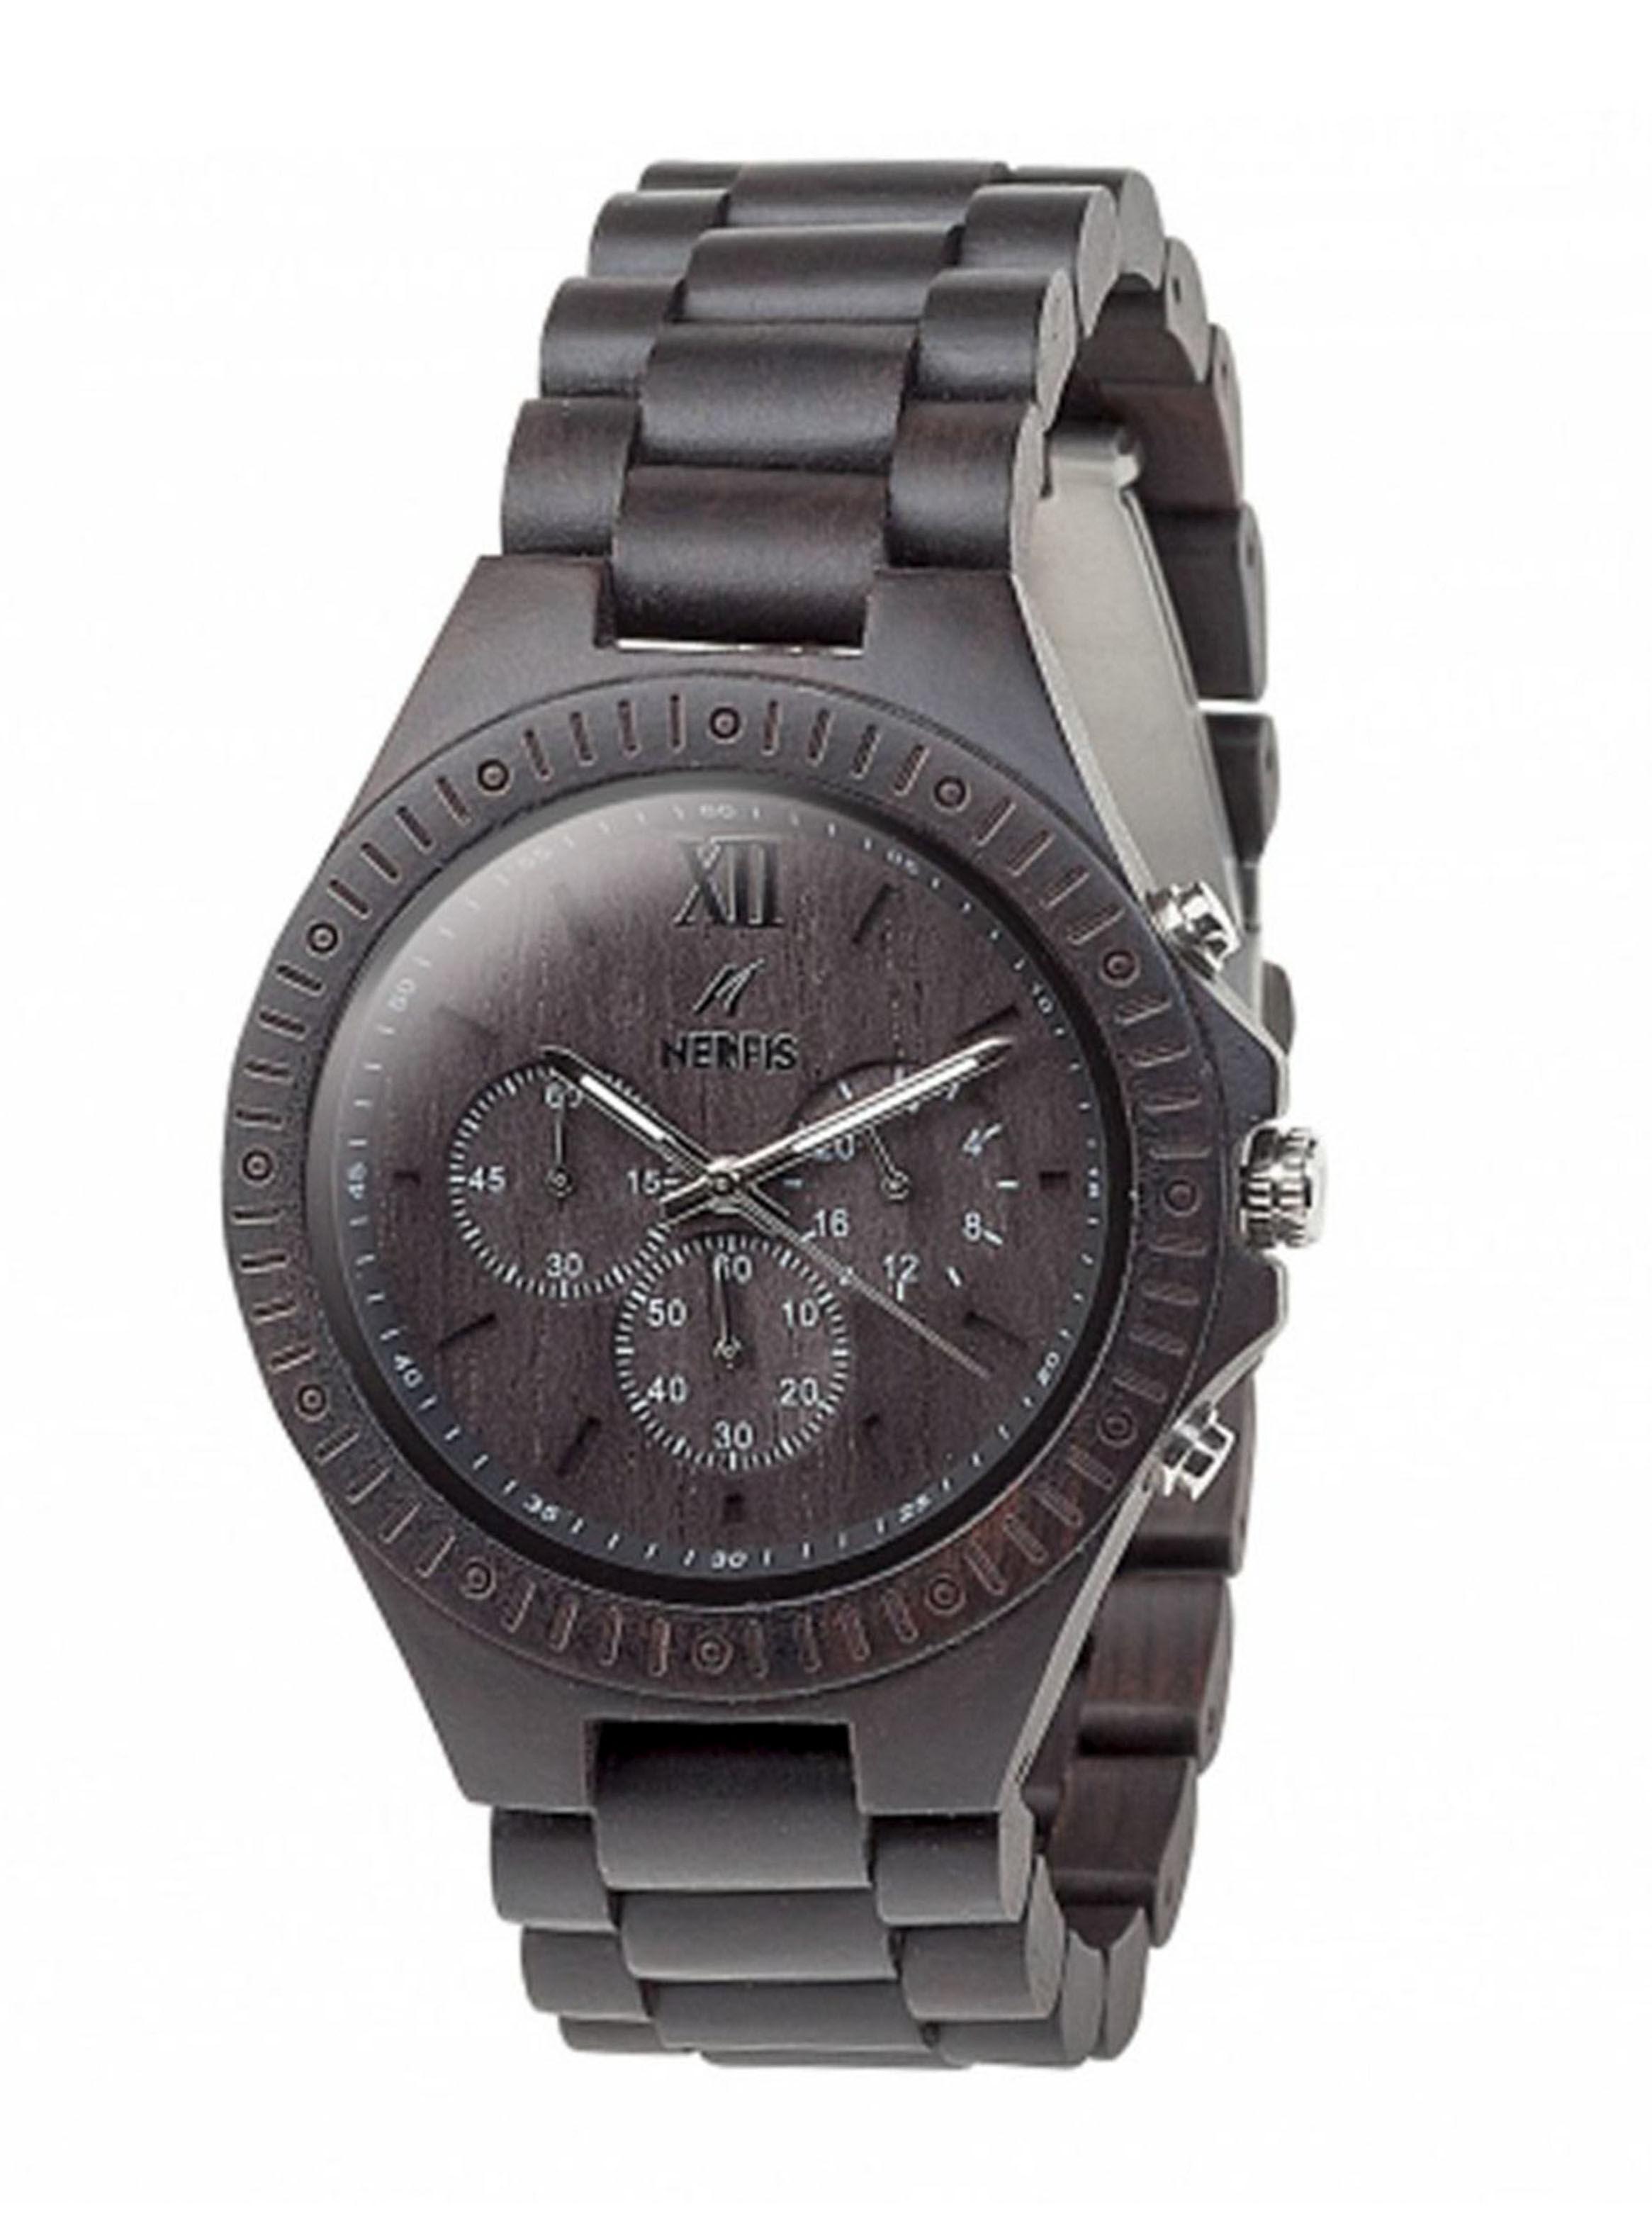 Modelos Tus cl FavoritosParis Ofertas Relojes 35RLj4A